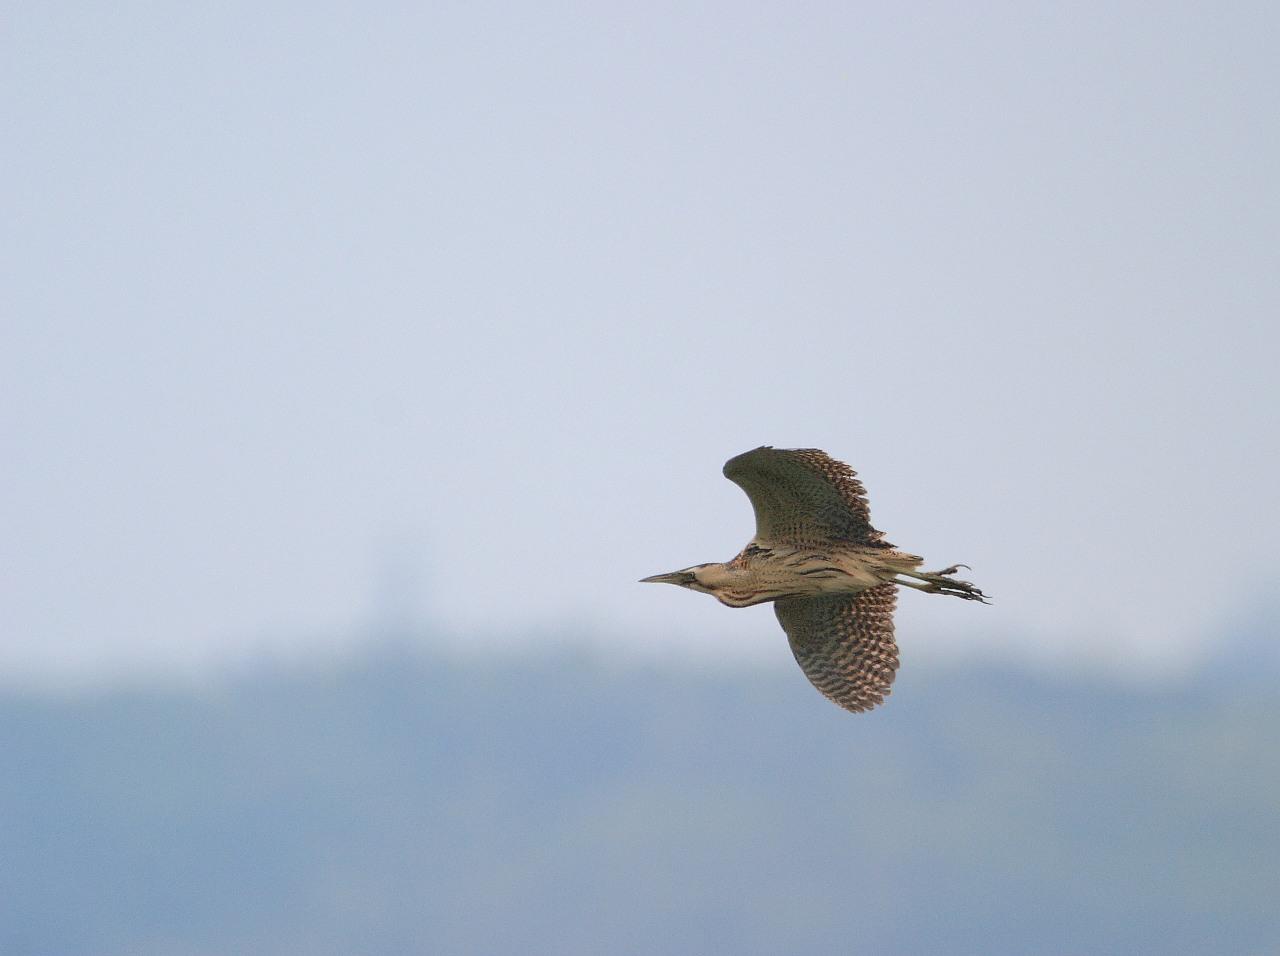 小田急線のチョウゲンボウ幼鳥は飛行練習中_f0105570_21551342.jpg